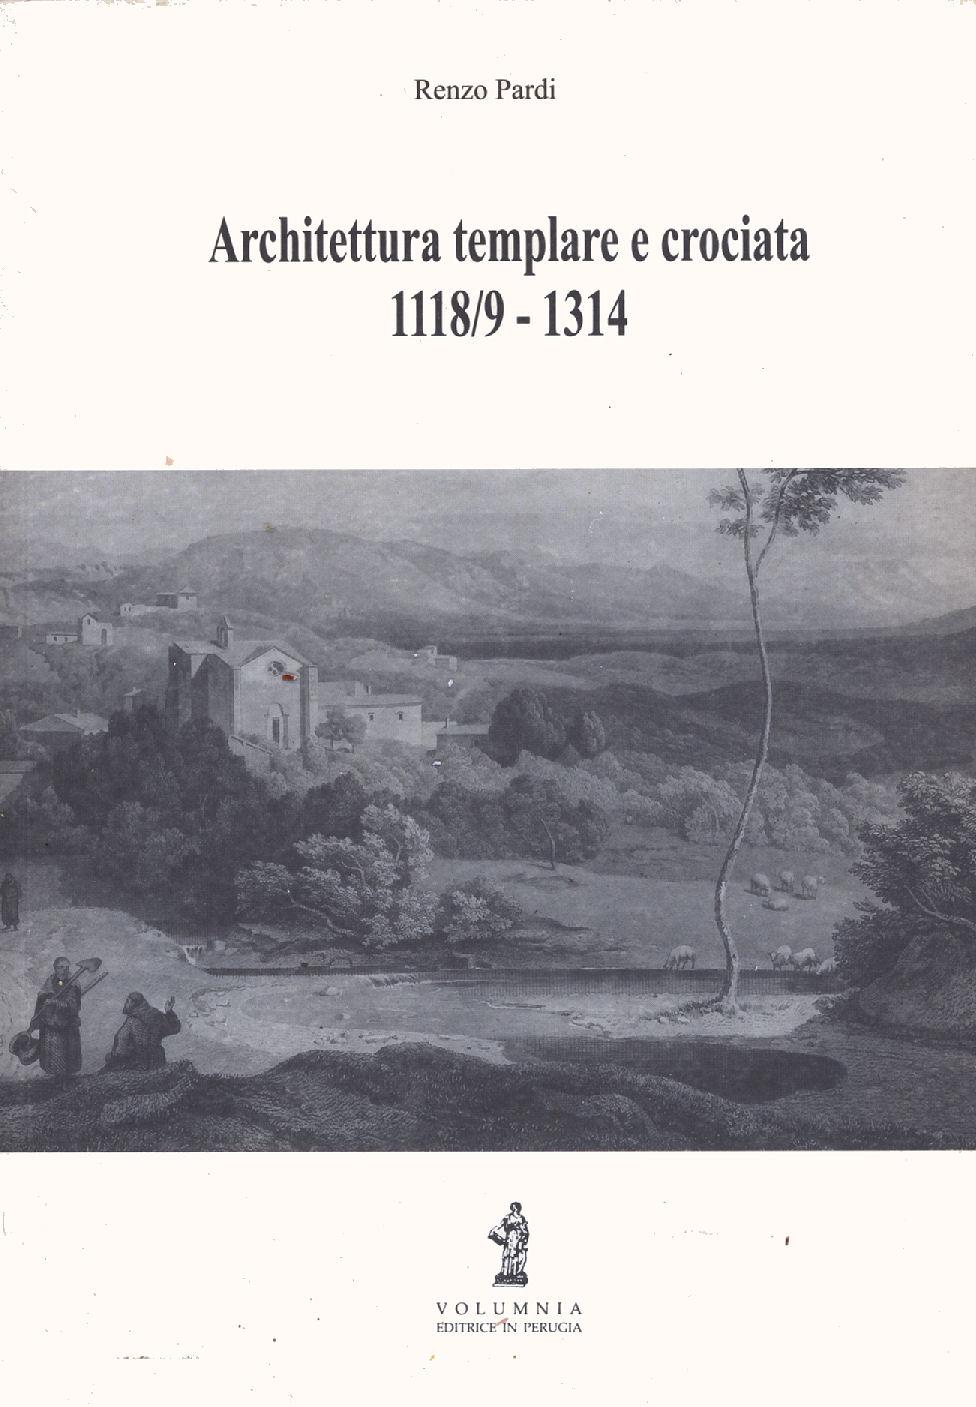 Architettura templare e crociata